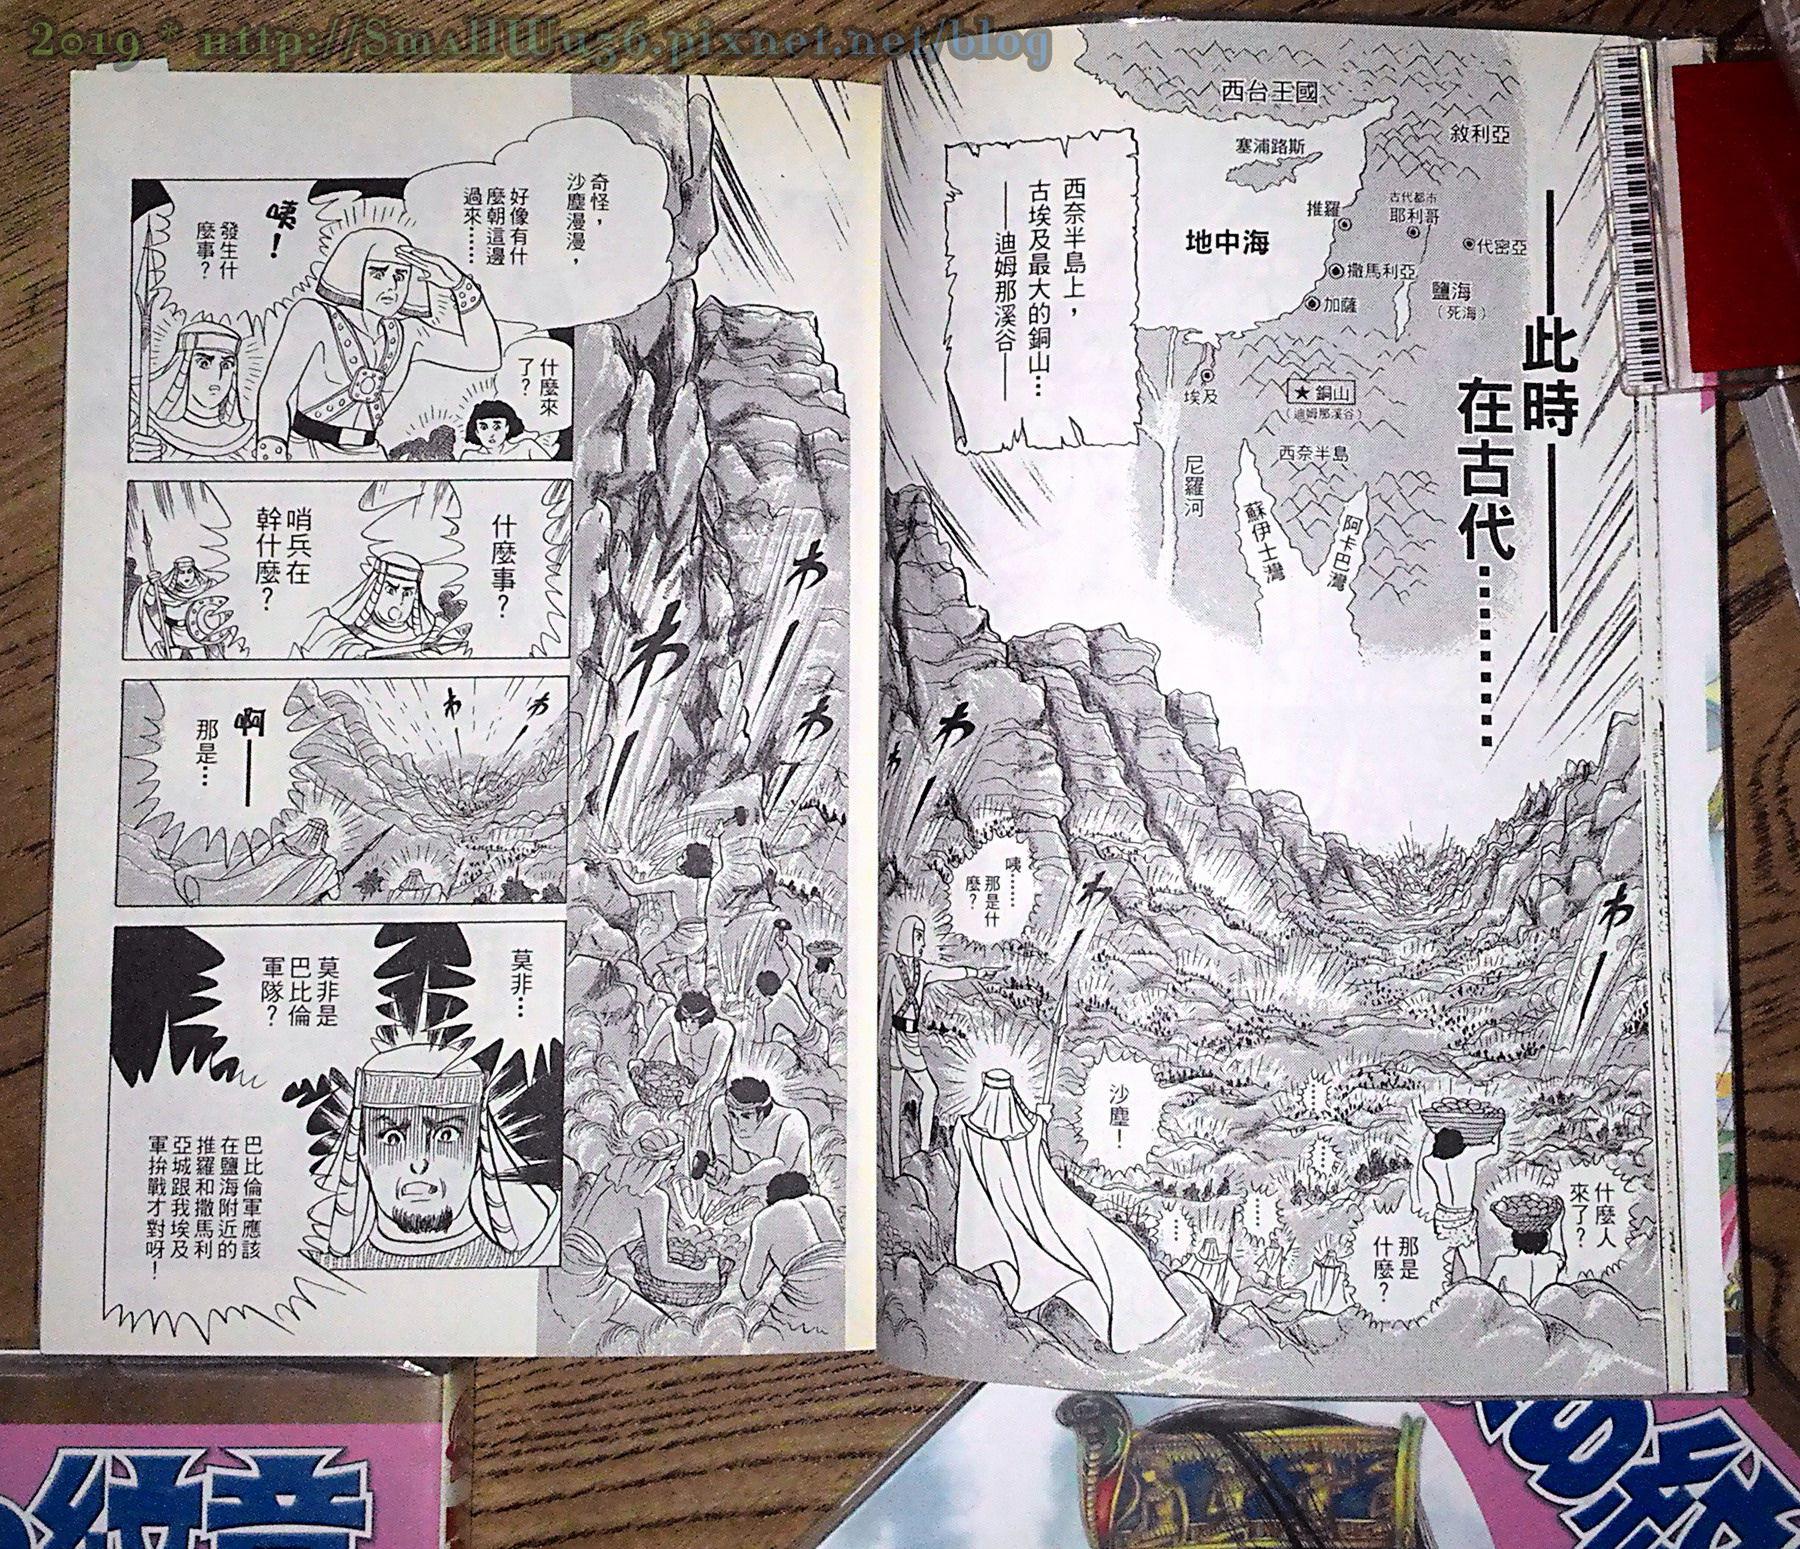 細川智榮子-王家的紋章(尼羅河女兒) 11-26 (長鴻)  vol_23.jpg